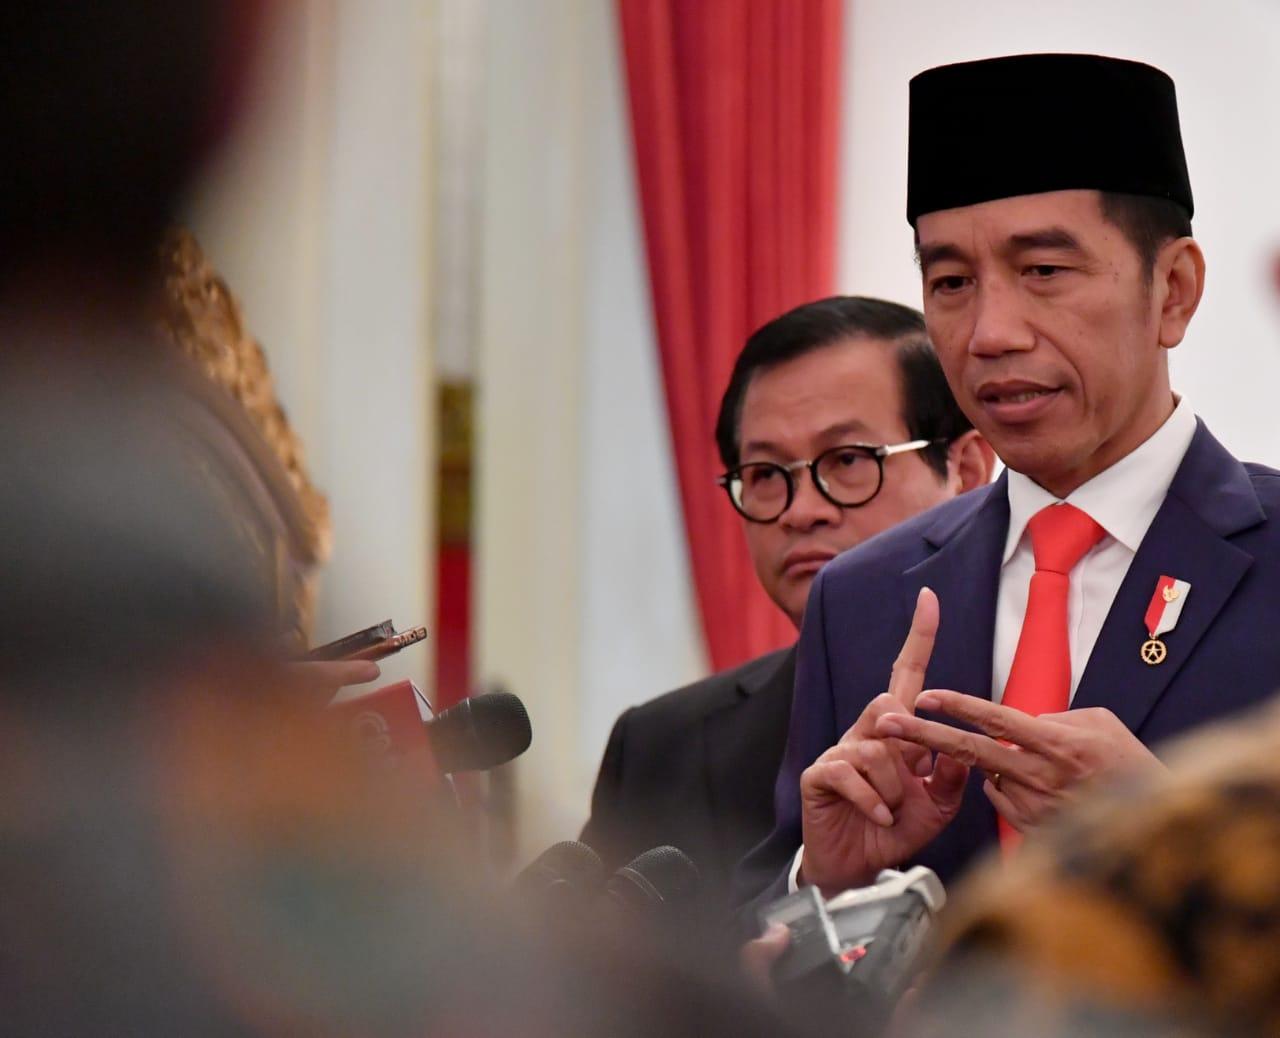 Presiden Jokowi Lantik Gubernur dan Wakil Gubernur NTB